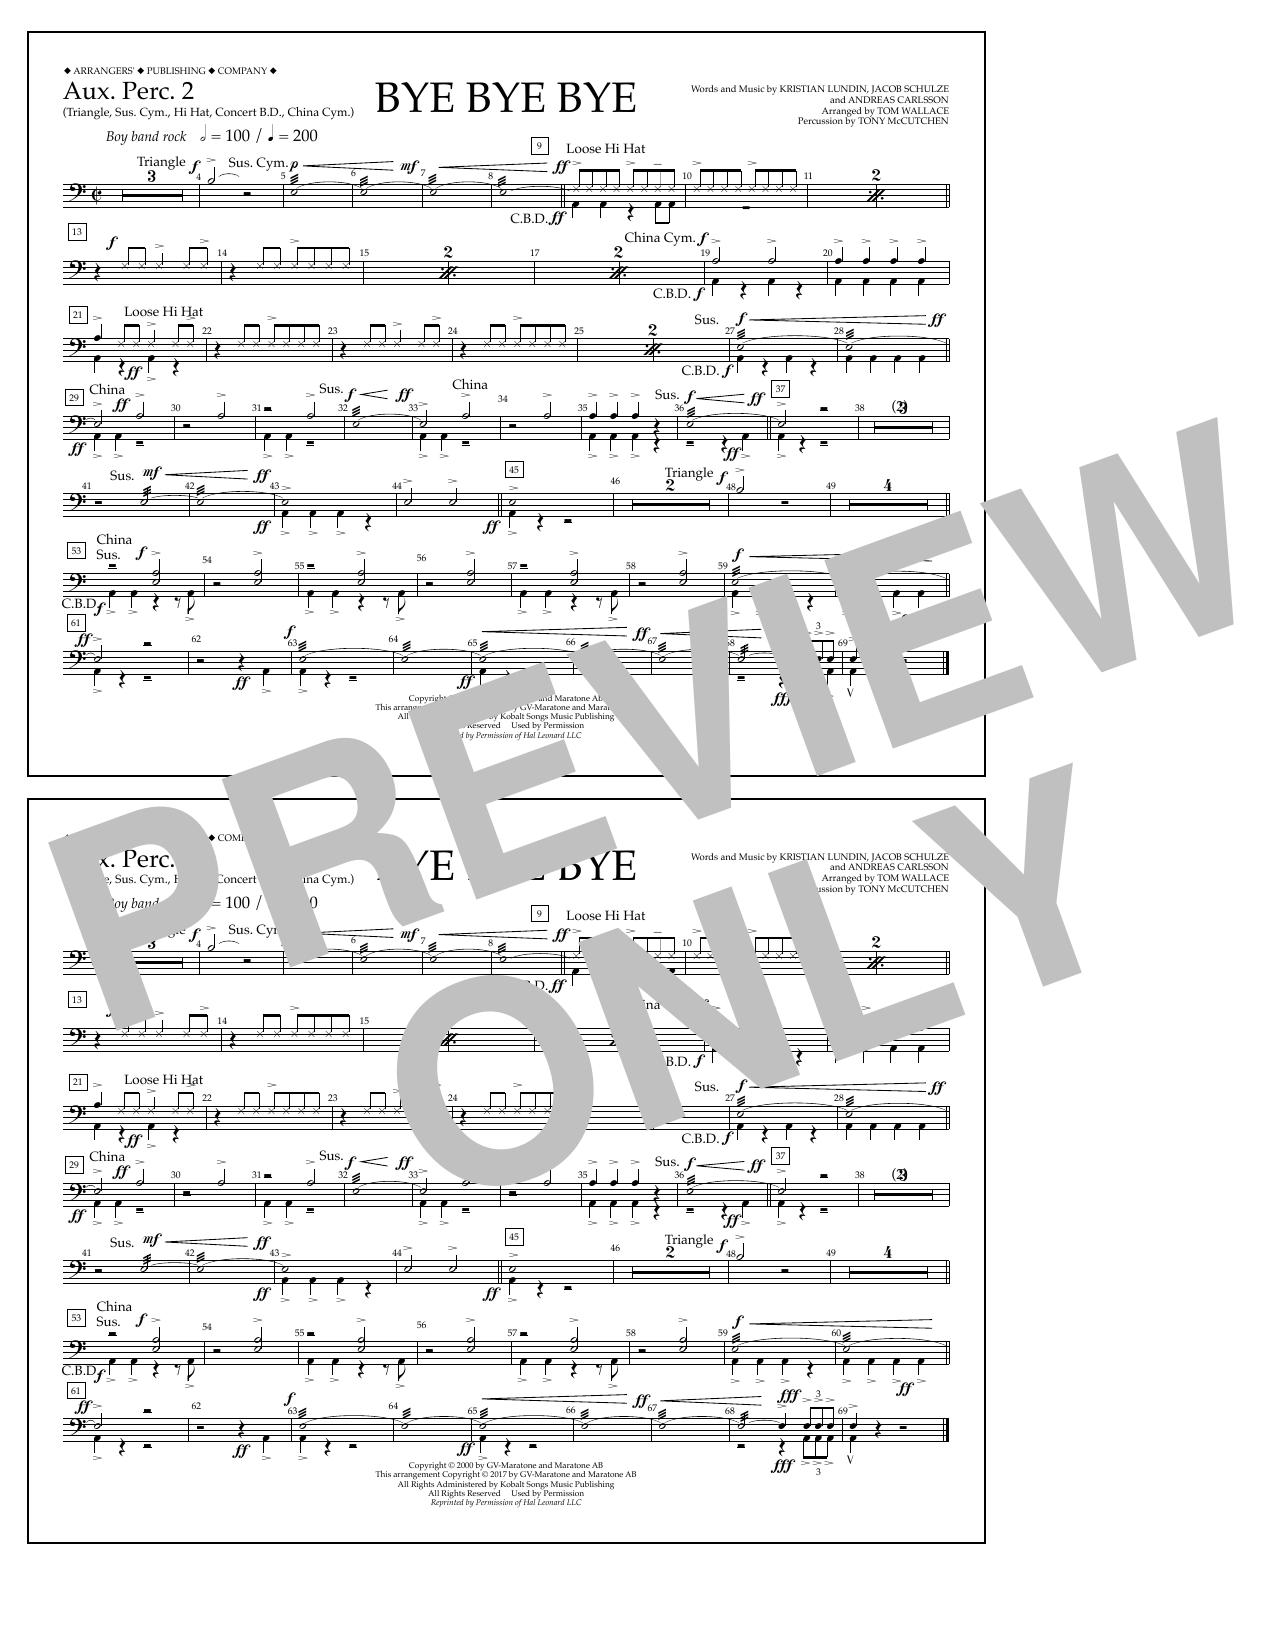 Bye Bye Bye - Aux. Perc. 2 Sheet Music